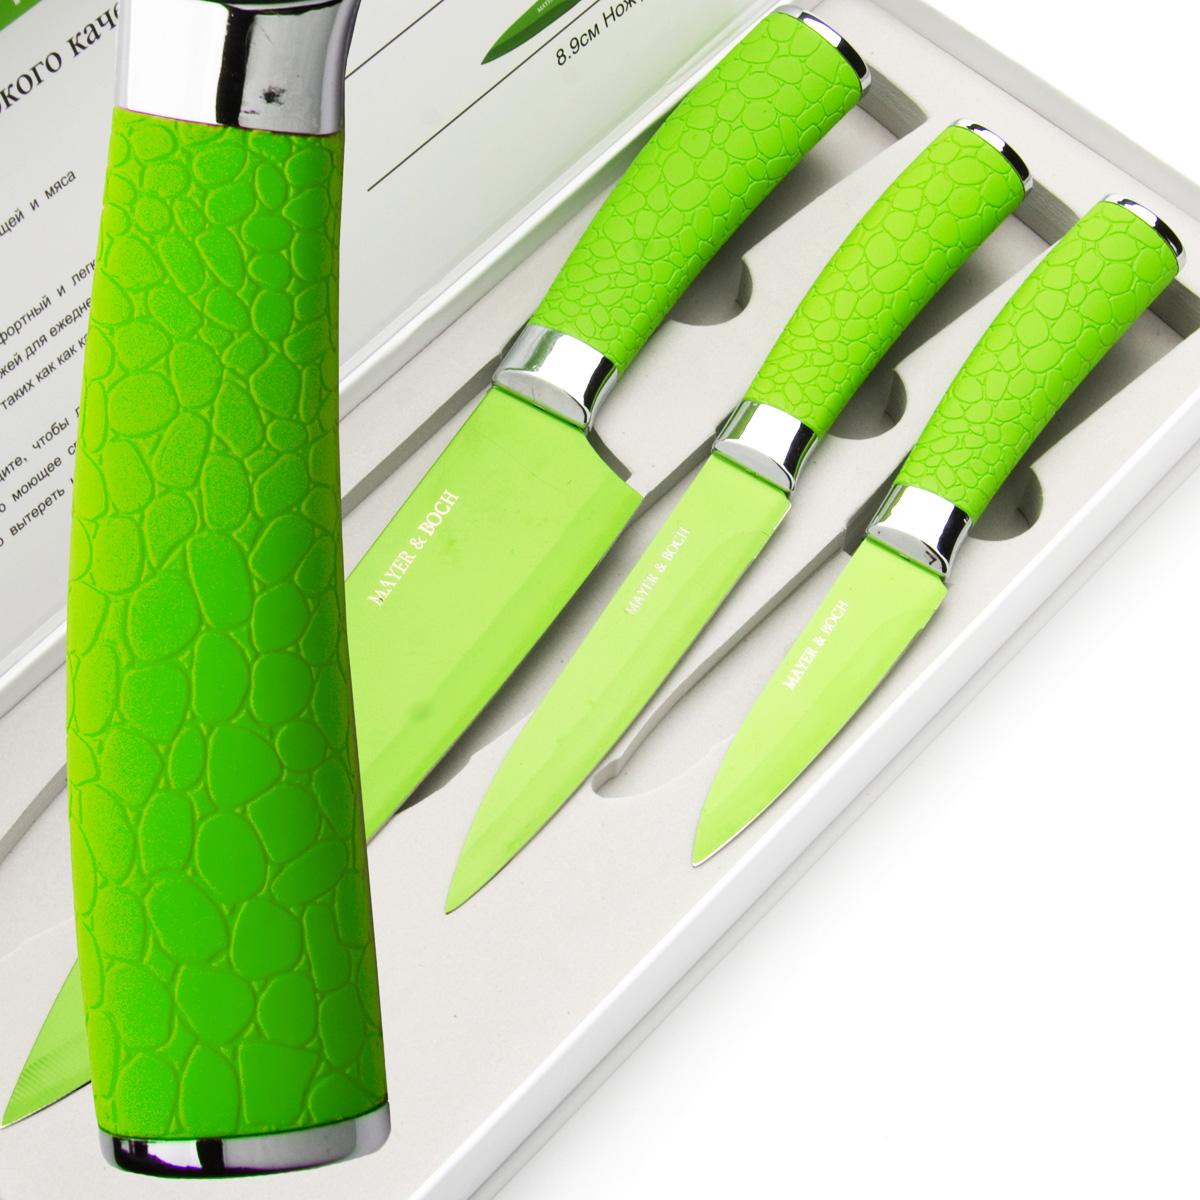 Набор ножей Mayer & Boch, цвет: зеленый, 3 шт. 2414524145Набор ножей Mayer & Boch состоит из 3 ножей: нож поварской, нож универсальный и нож для очистки. Ножи выполнены из нержавеющей стали, ручки из полипропилена.Оригинальный набор ножей великолепно украсит интерьер кухни и станет замечательным помощником.Можно мыть в посудомоечной машине. Длина лезвия поварского ножа: 20,3 см. Общая длина поварского ножа: 33 см. Длина лезвия универсального ножа: 12,7 см. Общая длина универсального ножа: 24 см. Длина лезвия ножа для очистки: 8,9 см. Общая длина ножа для очистки: 20 см.